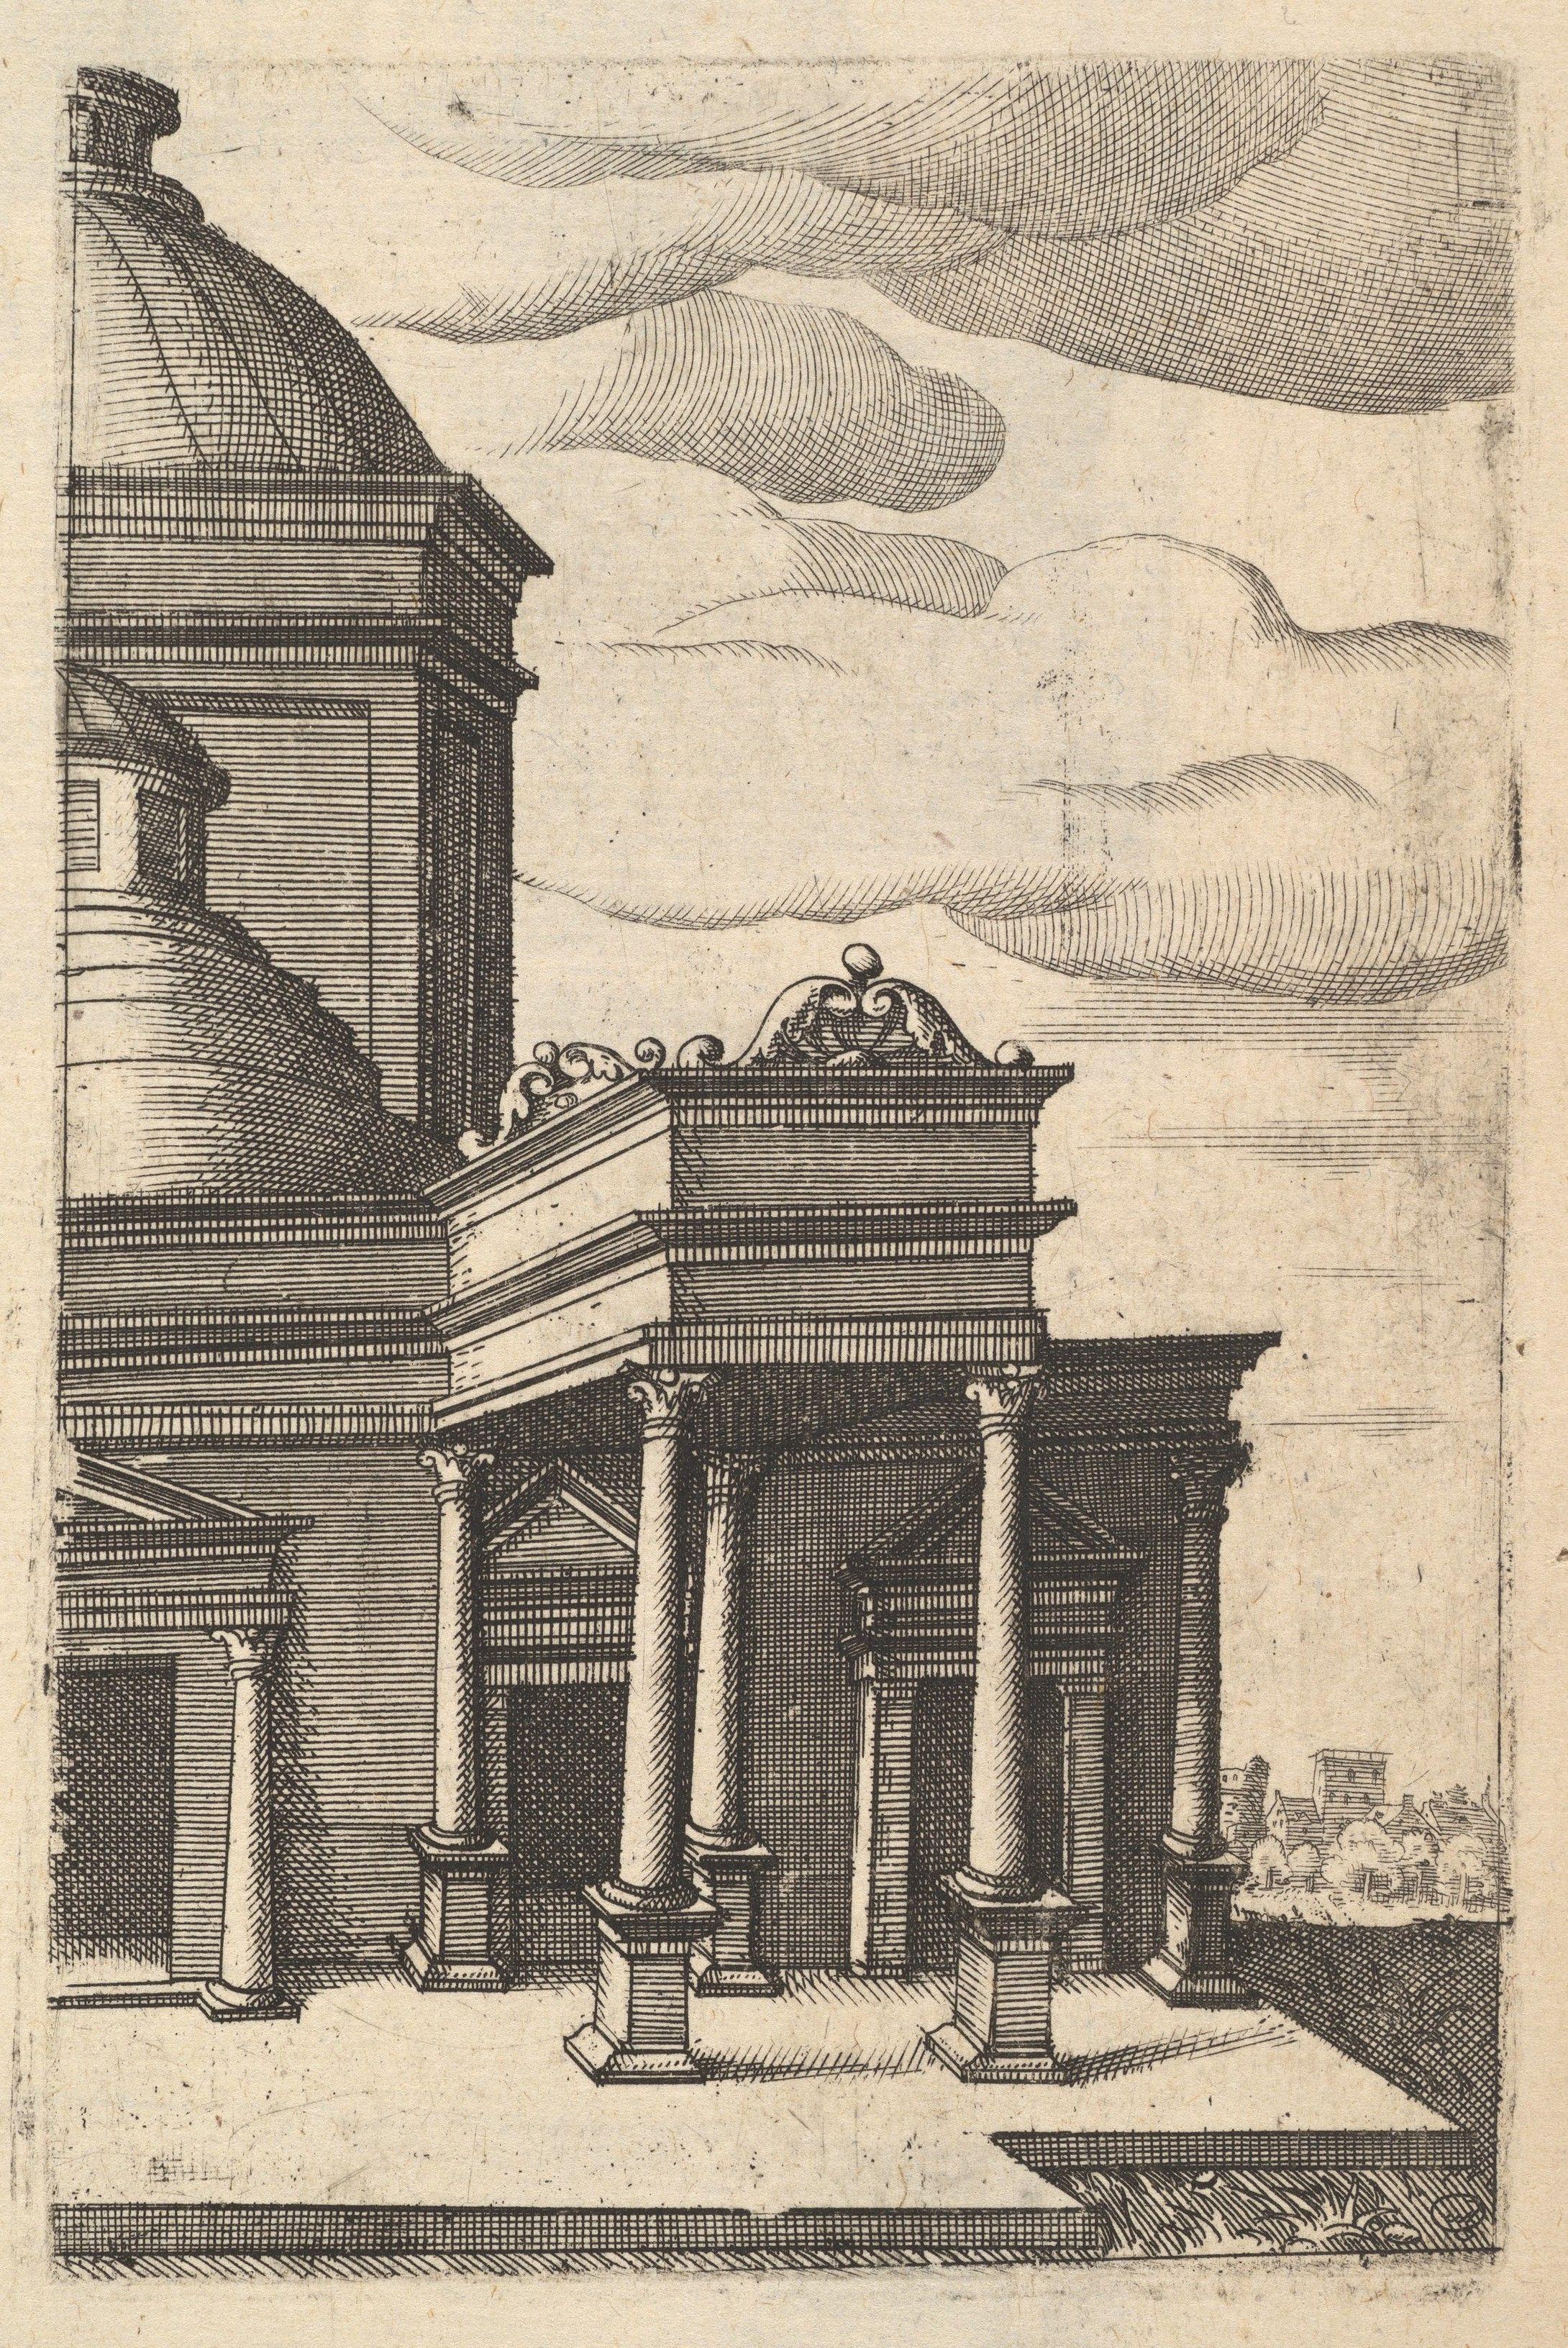 Partial view of a Building from the series Ruinarum variarum fabricarum delineationes pictoribus caeterisque id genus artificibus multum utiles  Published ca. 1550